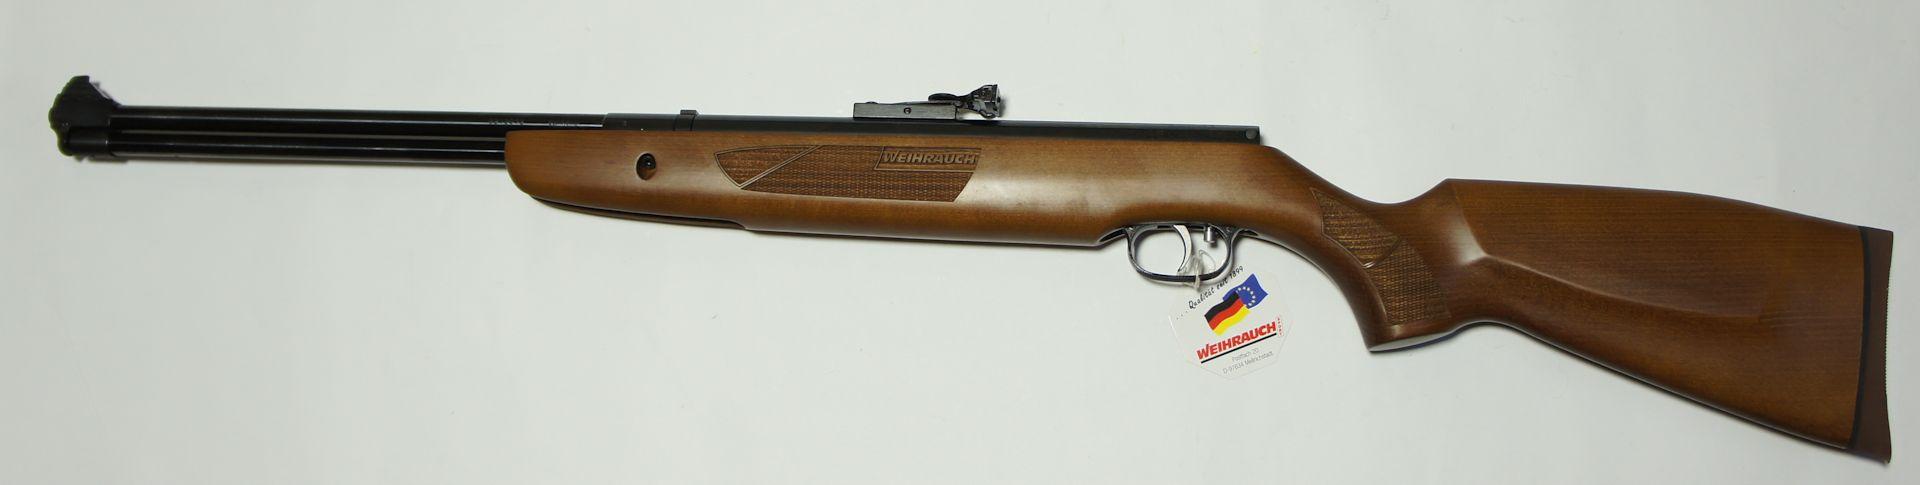 Luftgewehr HW 57 im Kaliber 4,5mm, F, Weihrauch